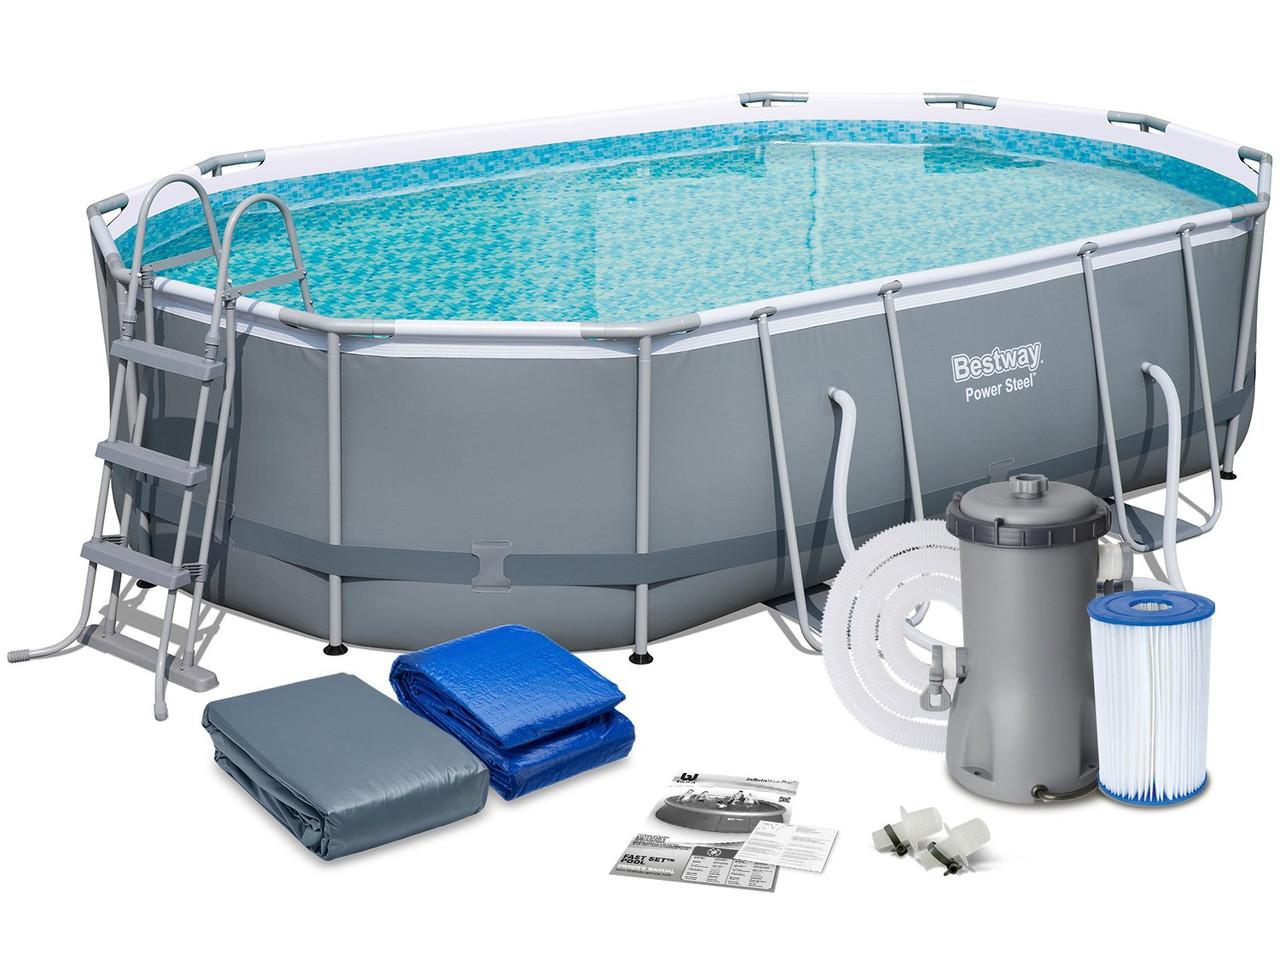 Каркасный овальный бассейн Bestway 488х305х107 см + фильтр-насос 3028 л/ч, лестница, тент,  (56448 BW)